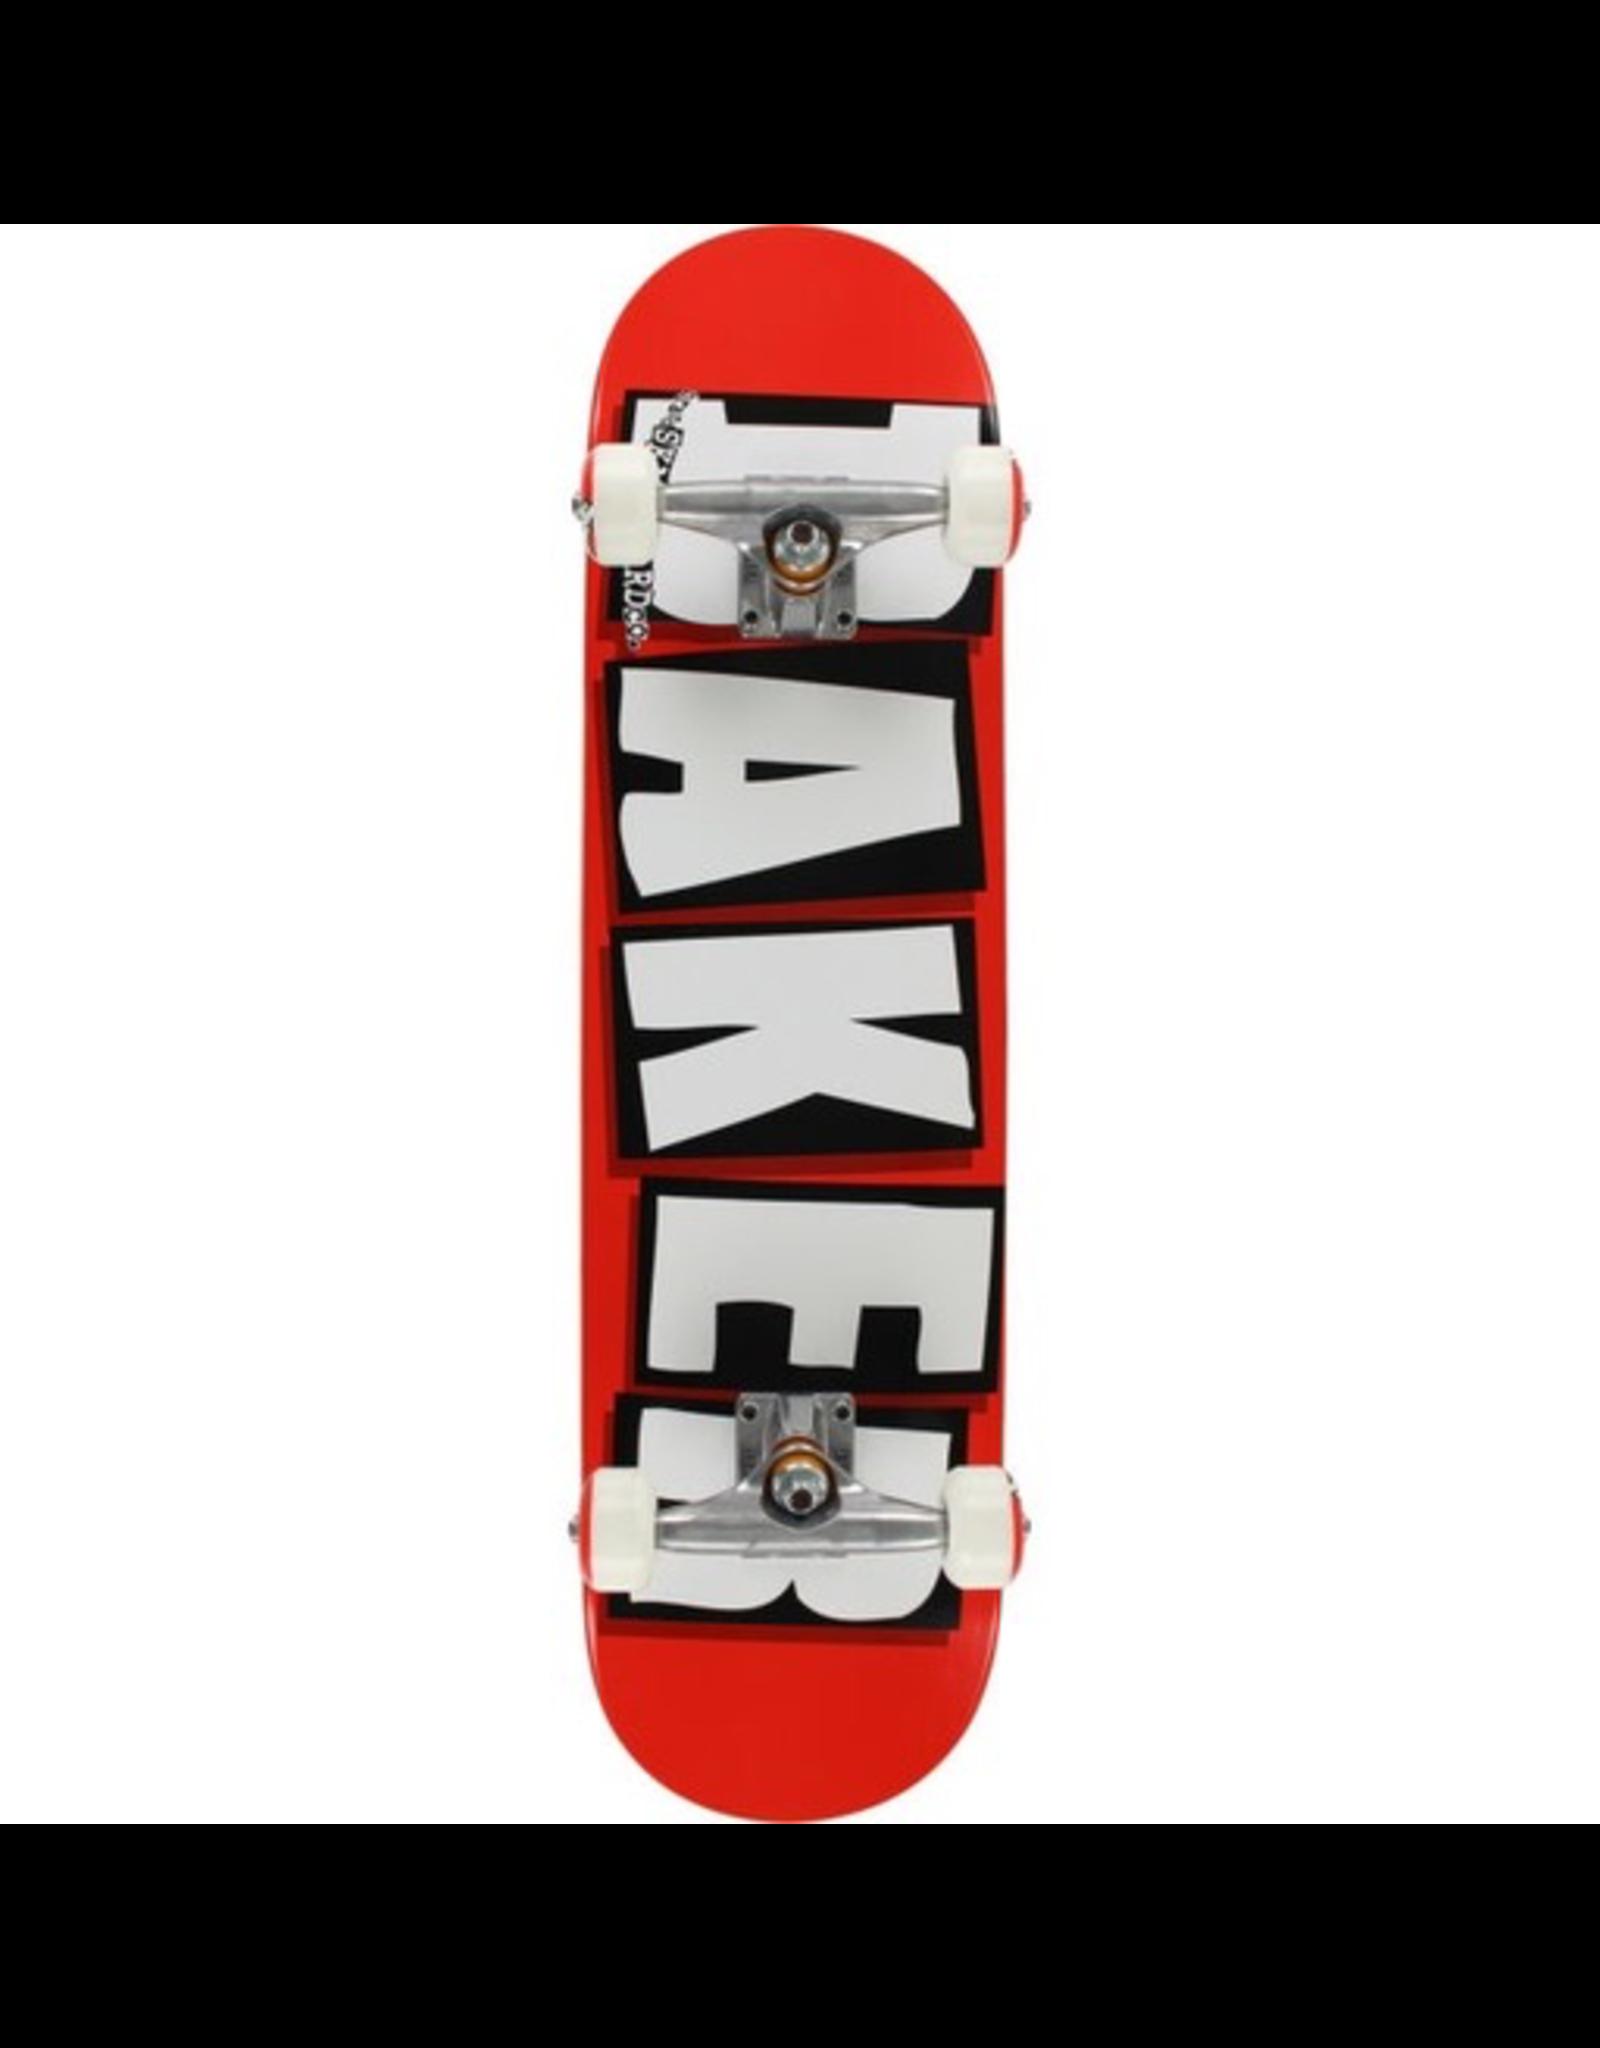 BAKER BAKER BRAND LOGO COMPLETE-7.75 RED/WHT/BLK